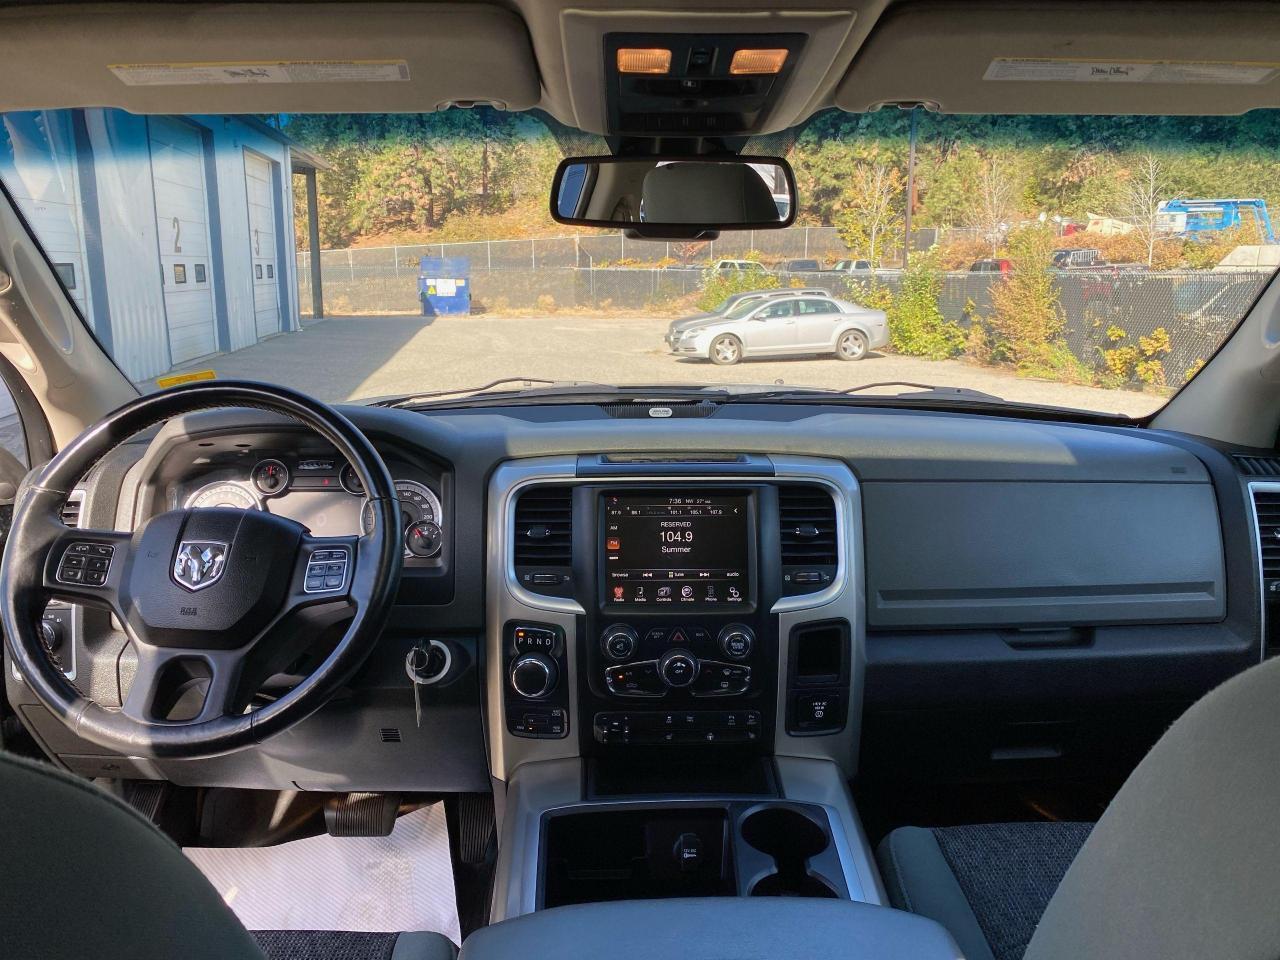 2015 RAM 1500 OUTDOORSMAN CREW CAB